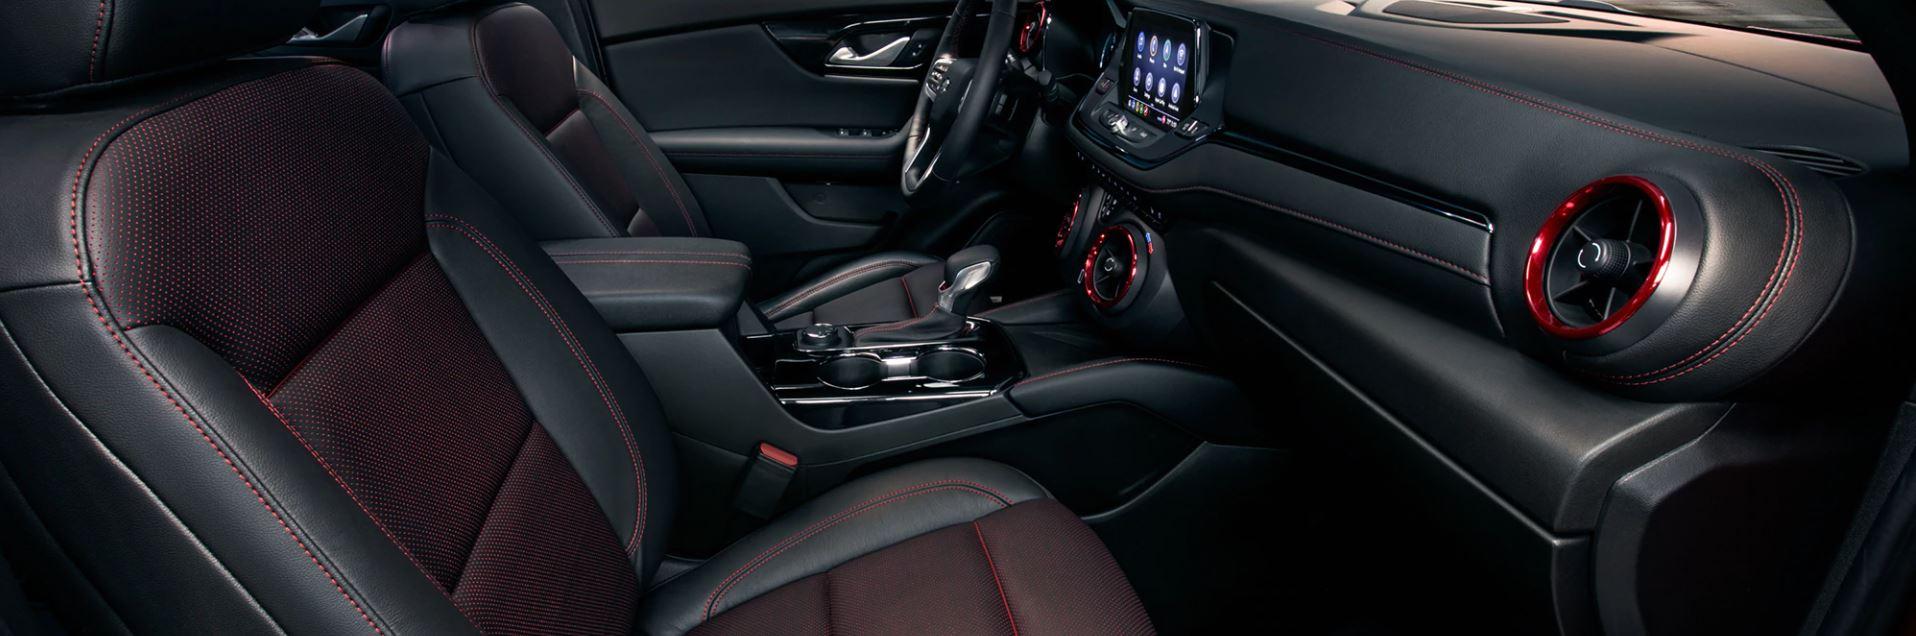 2020 Chevrolet Blazer Seating